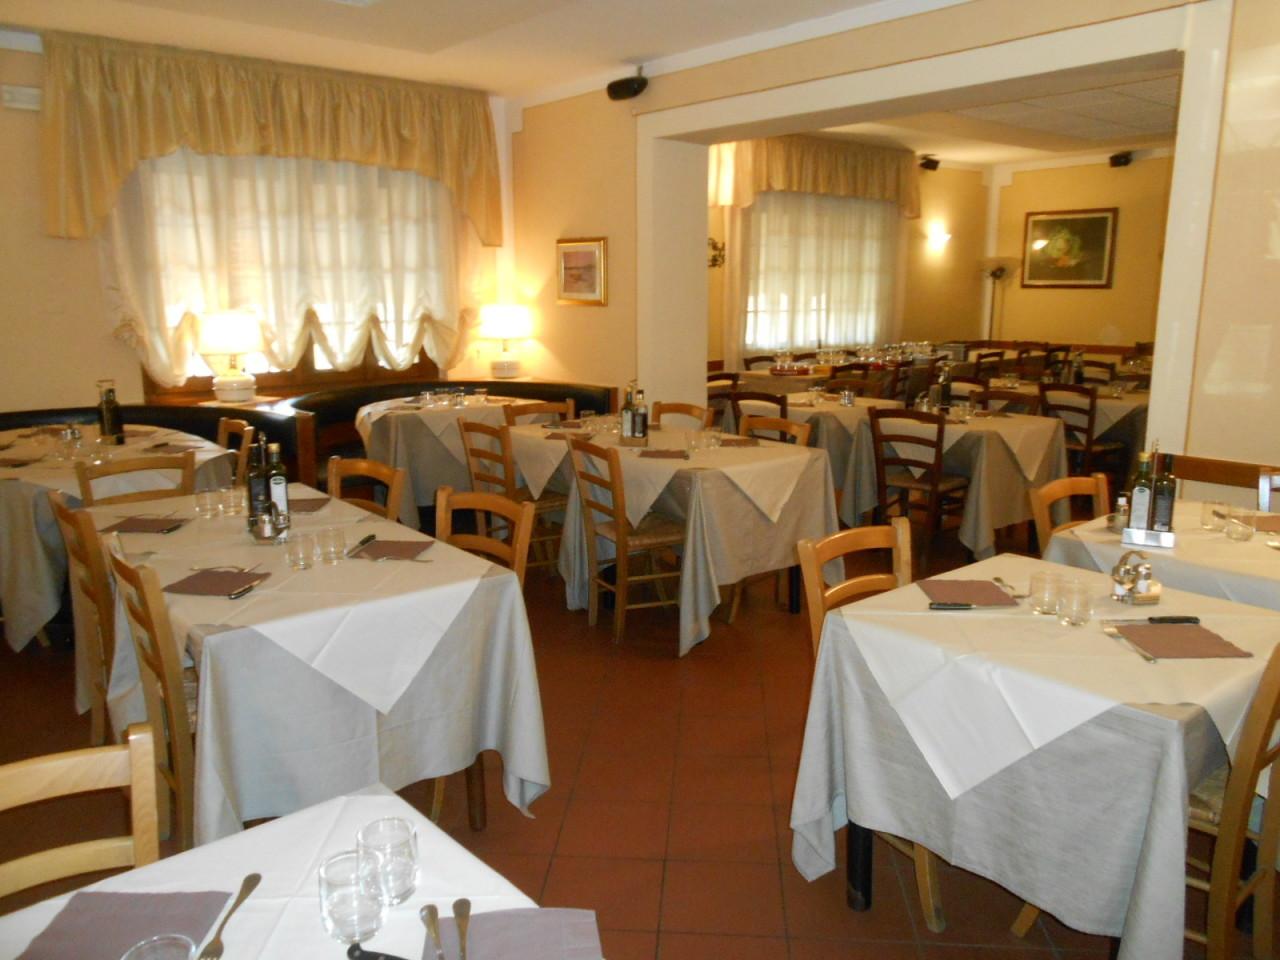 Ristorante / Pizzeria / Trattoria in affitto a Castelnuovo di Garfagnana, 2 locali, prezzo € 3.000 | CambioCasa.it